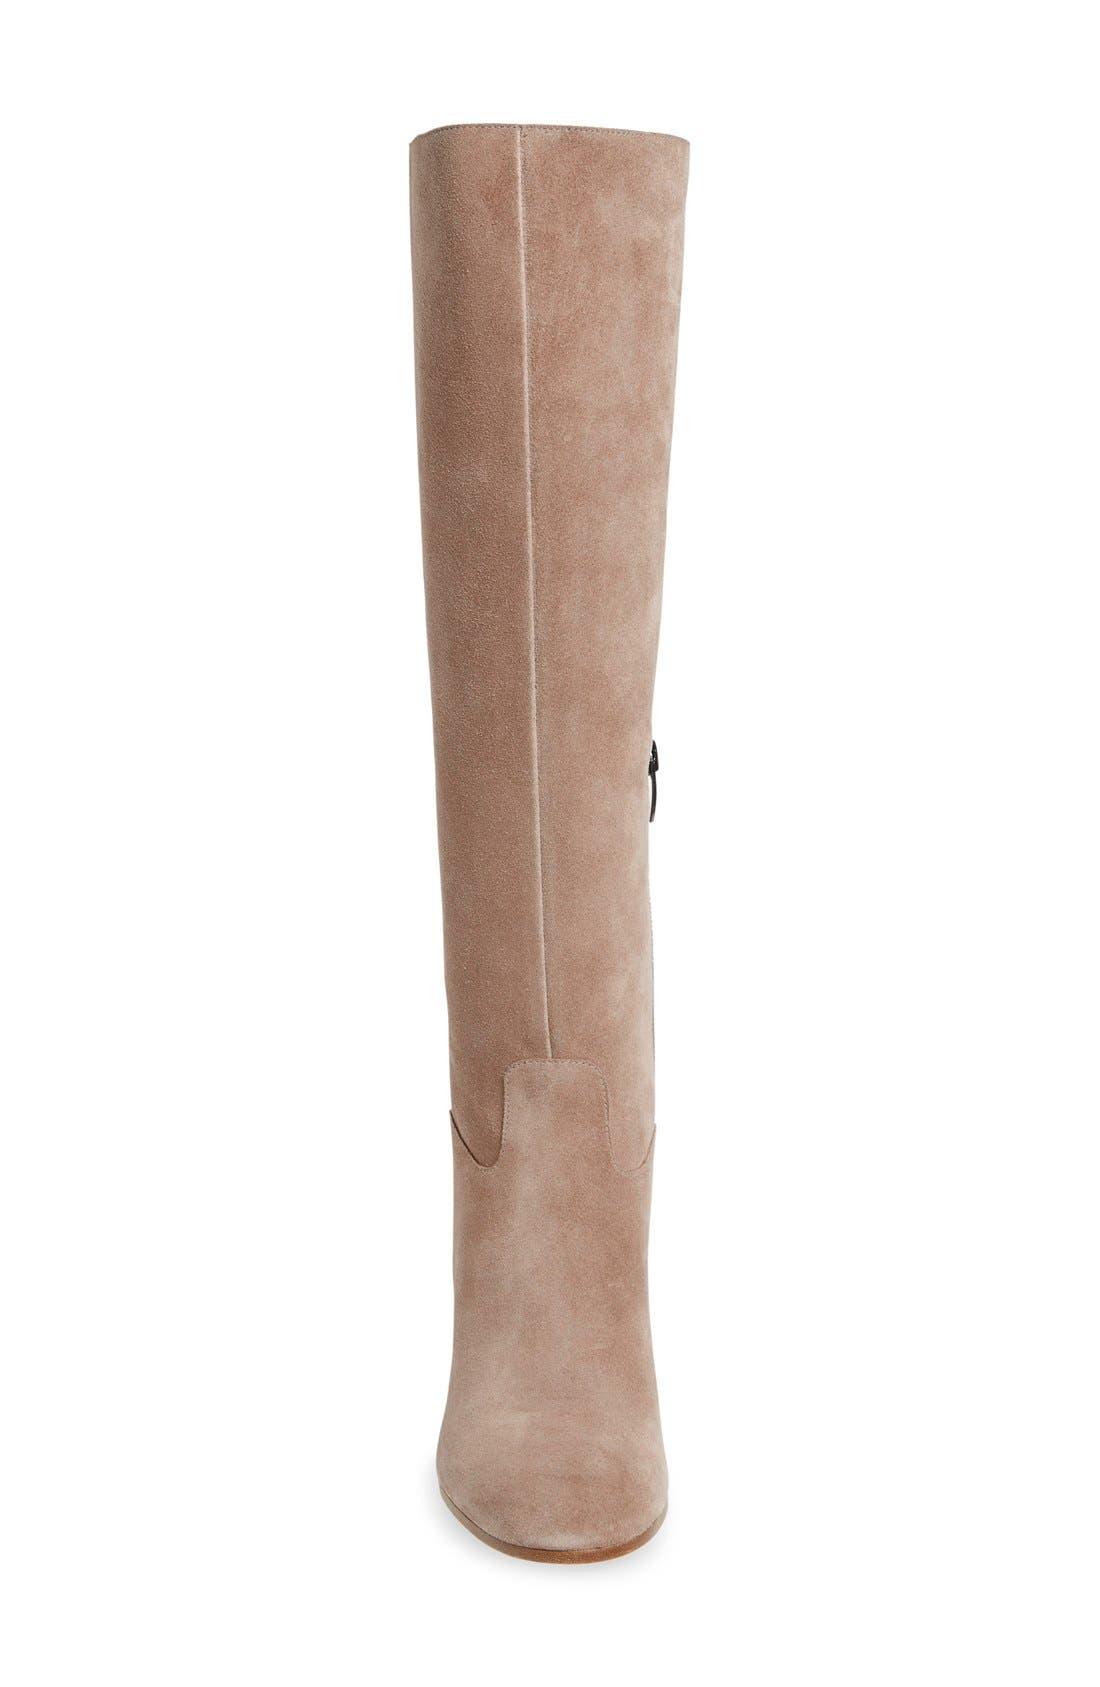 Alternate Image 3  - Via Spiga 'Beckett' Tall Boot (Women)